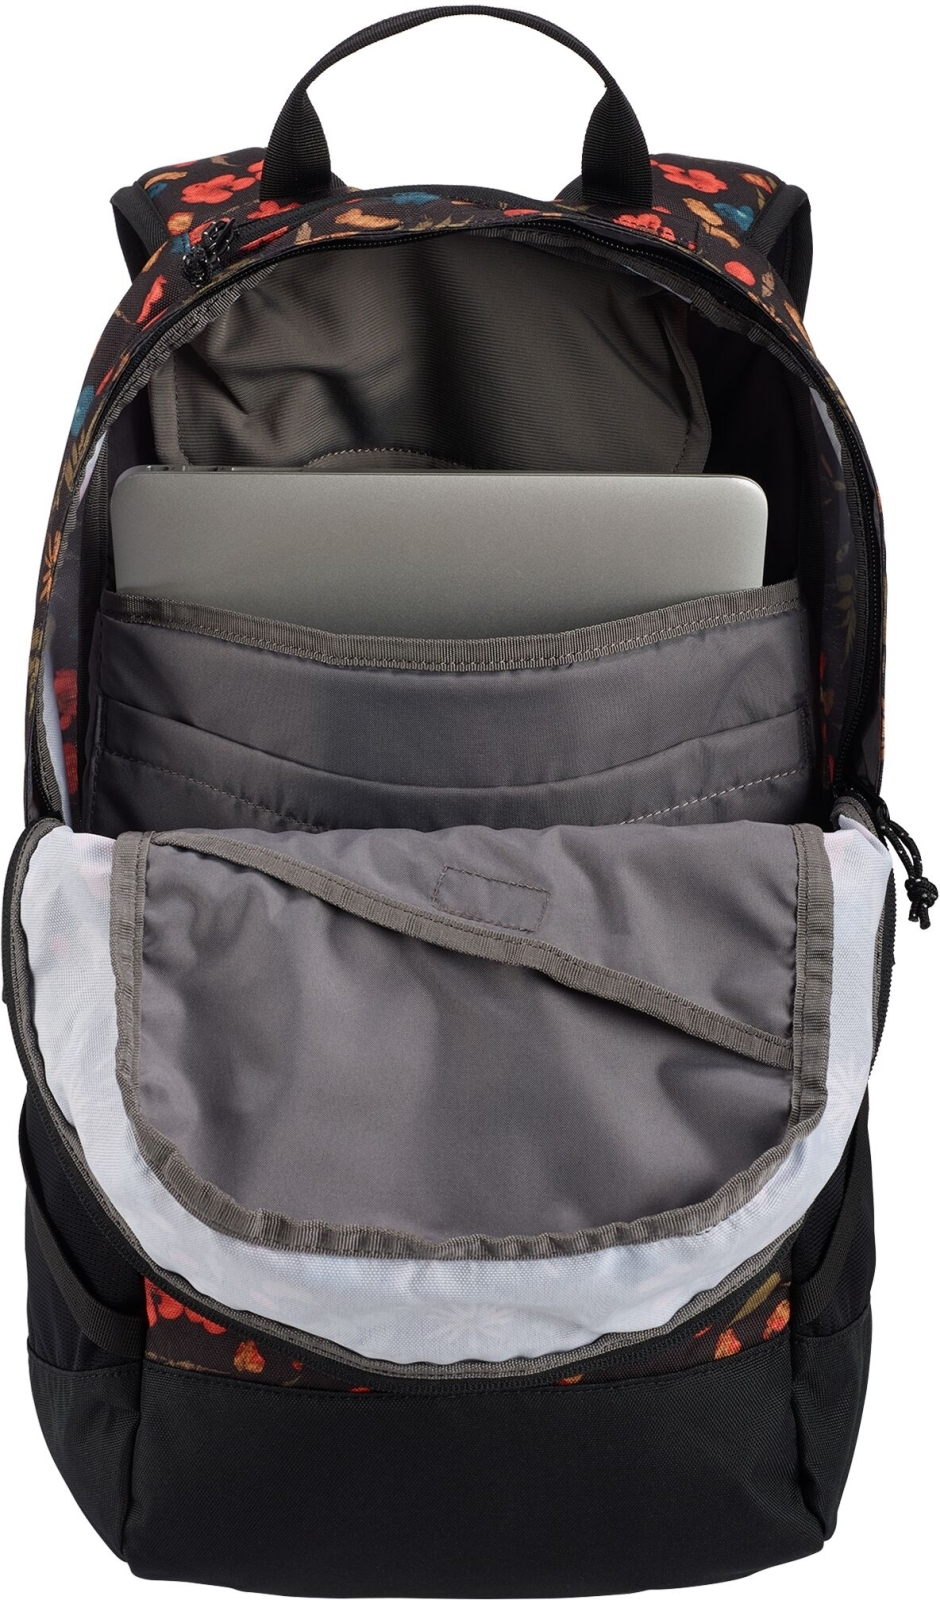 05639c0e1e Batoh Burton Prospect Pack-black fresh pressed - Spot Shop